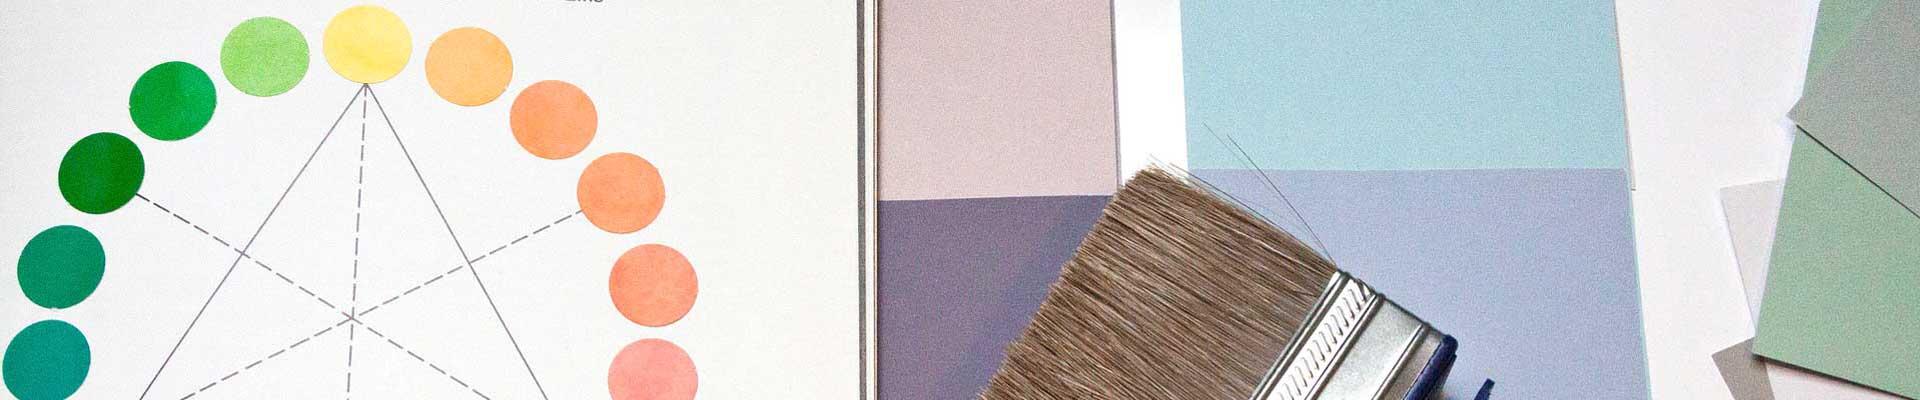 Farbkreis und Farbtabellen für den Innenanstrich